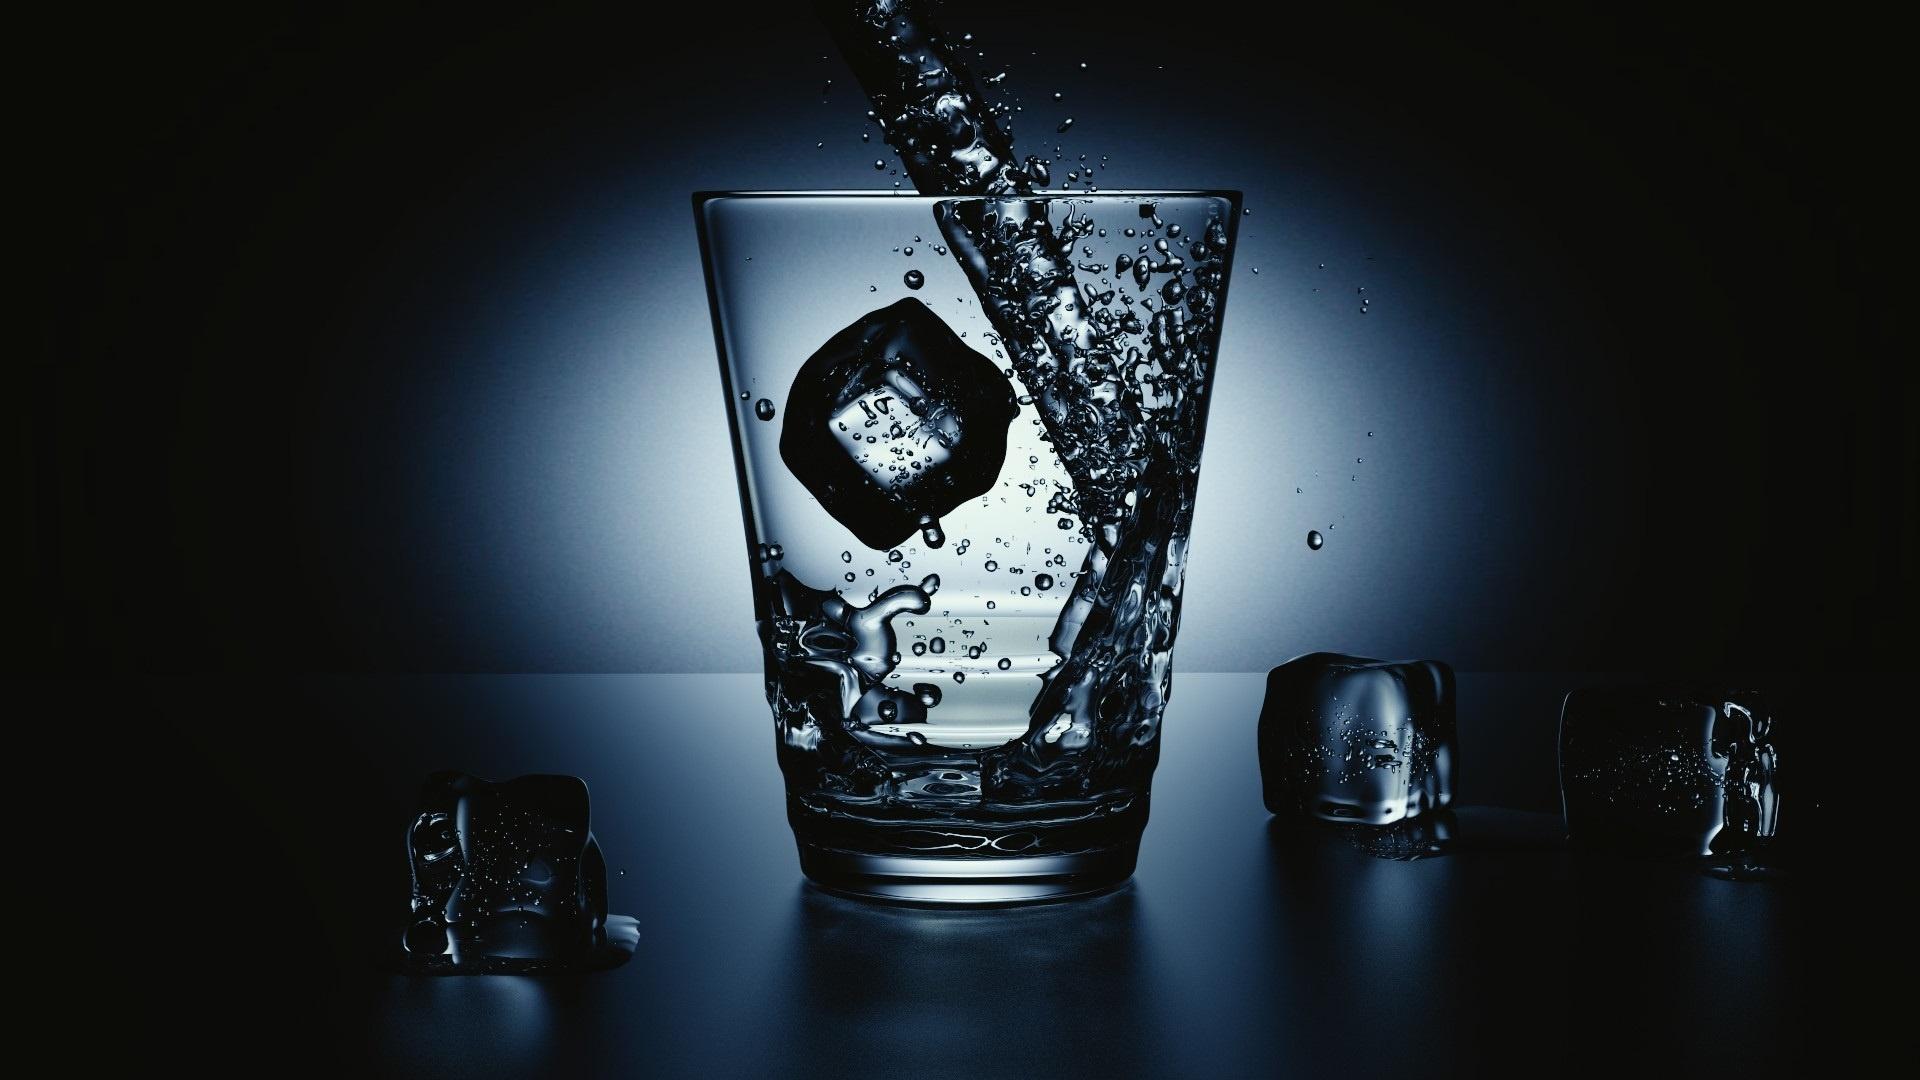 Ice In A Glass desktop wallpaper hd